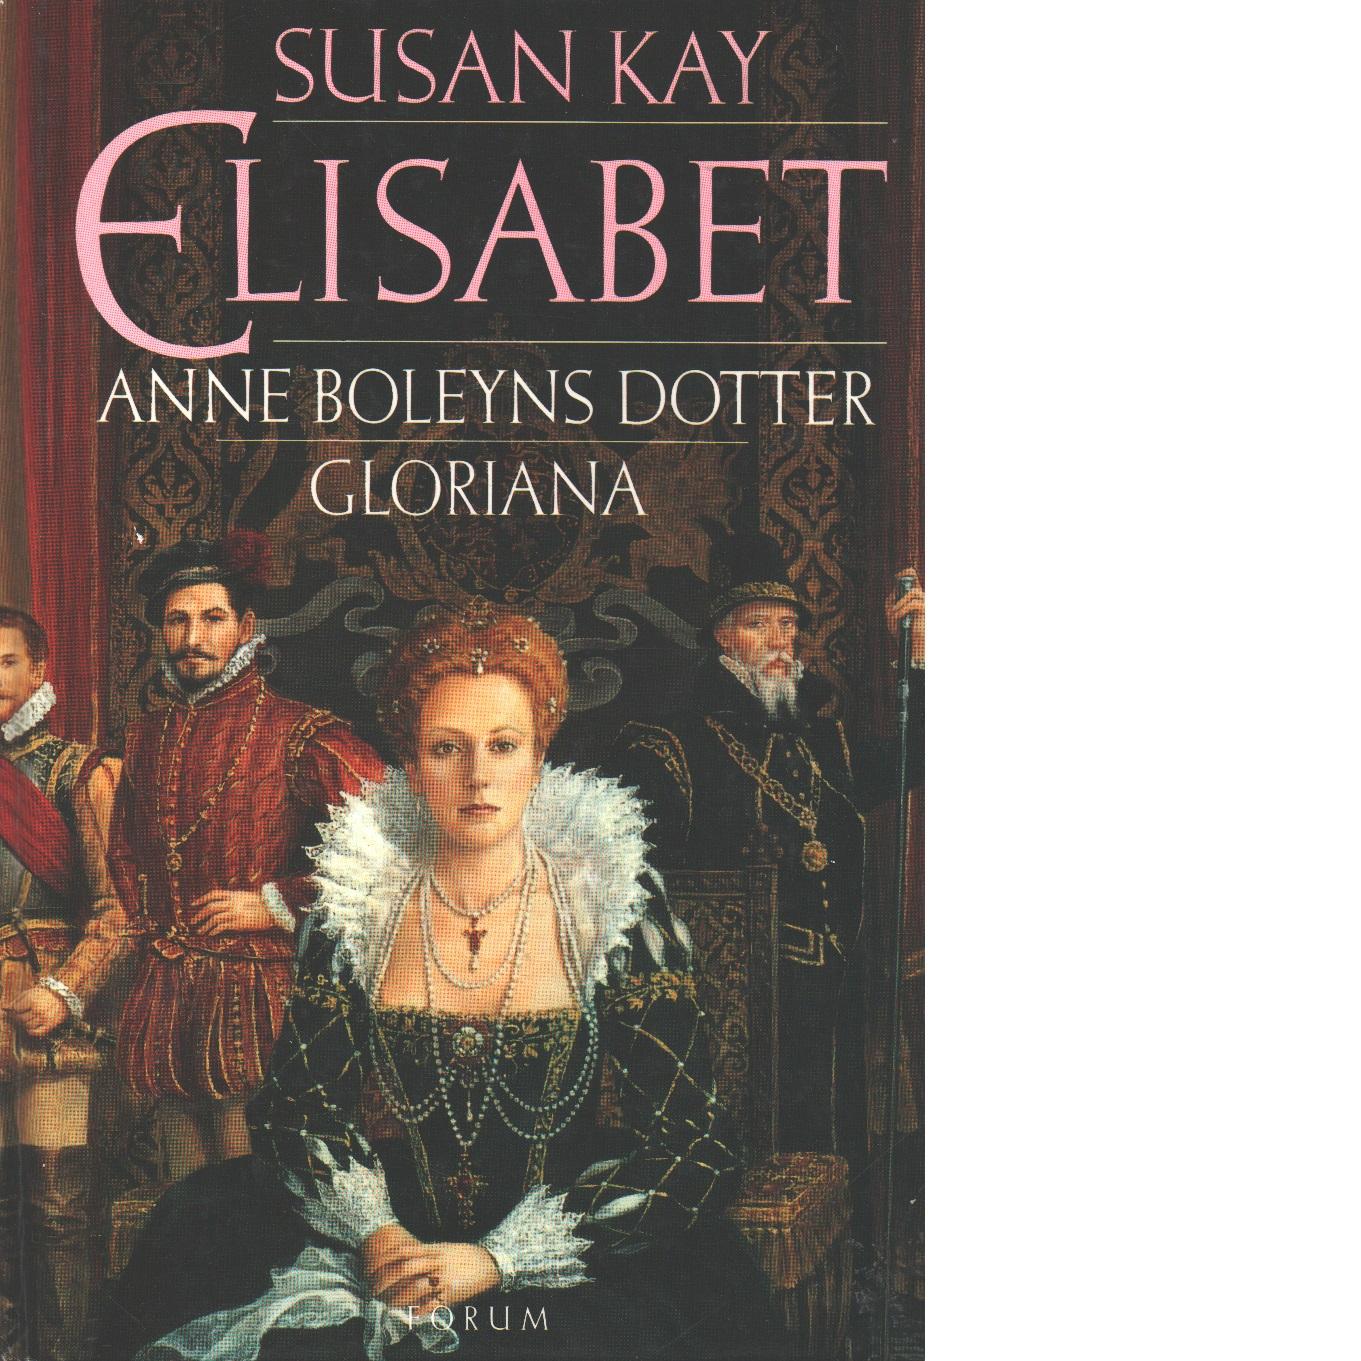 Elisabet Anne Boleyns dotter Gloriana - Kay, Susan